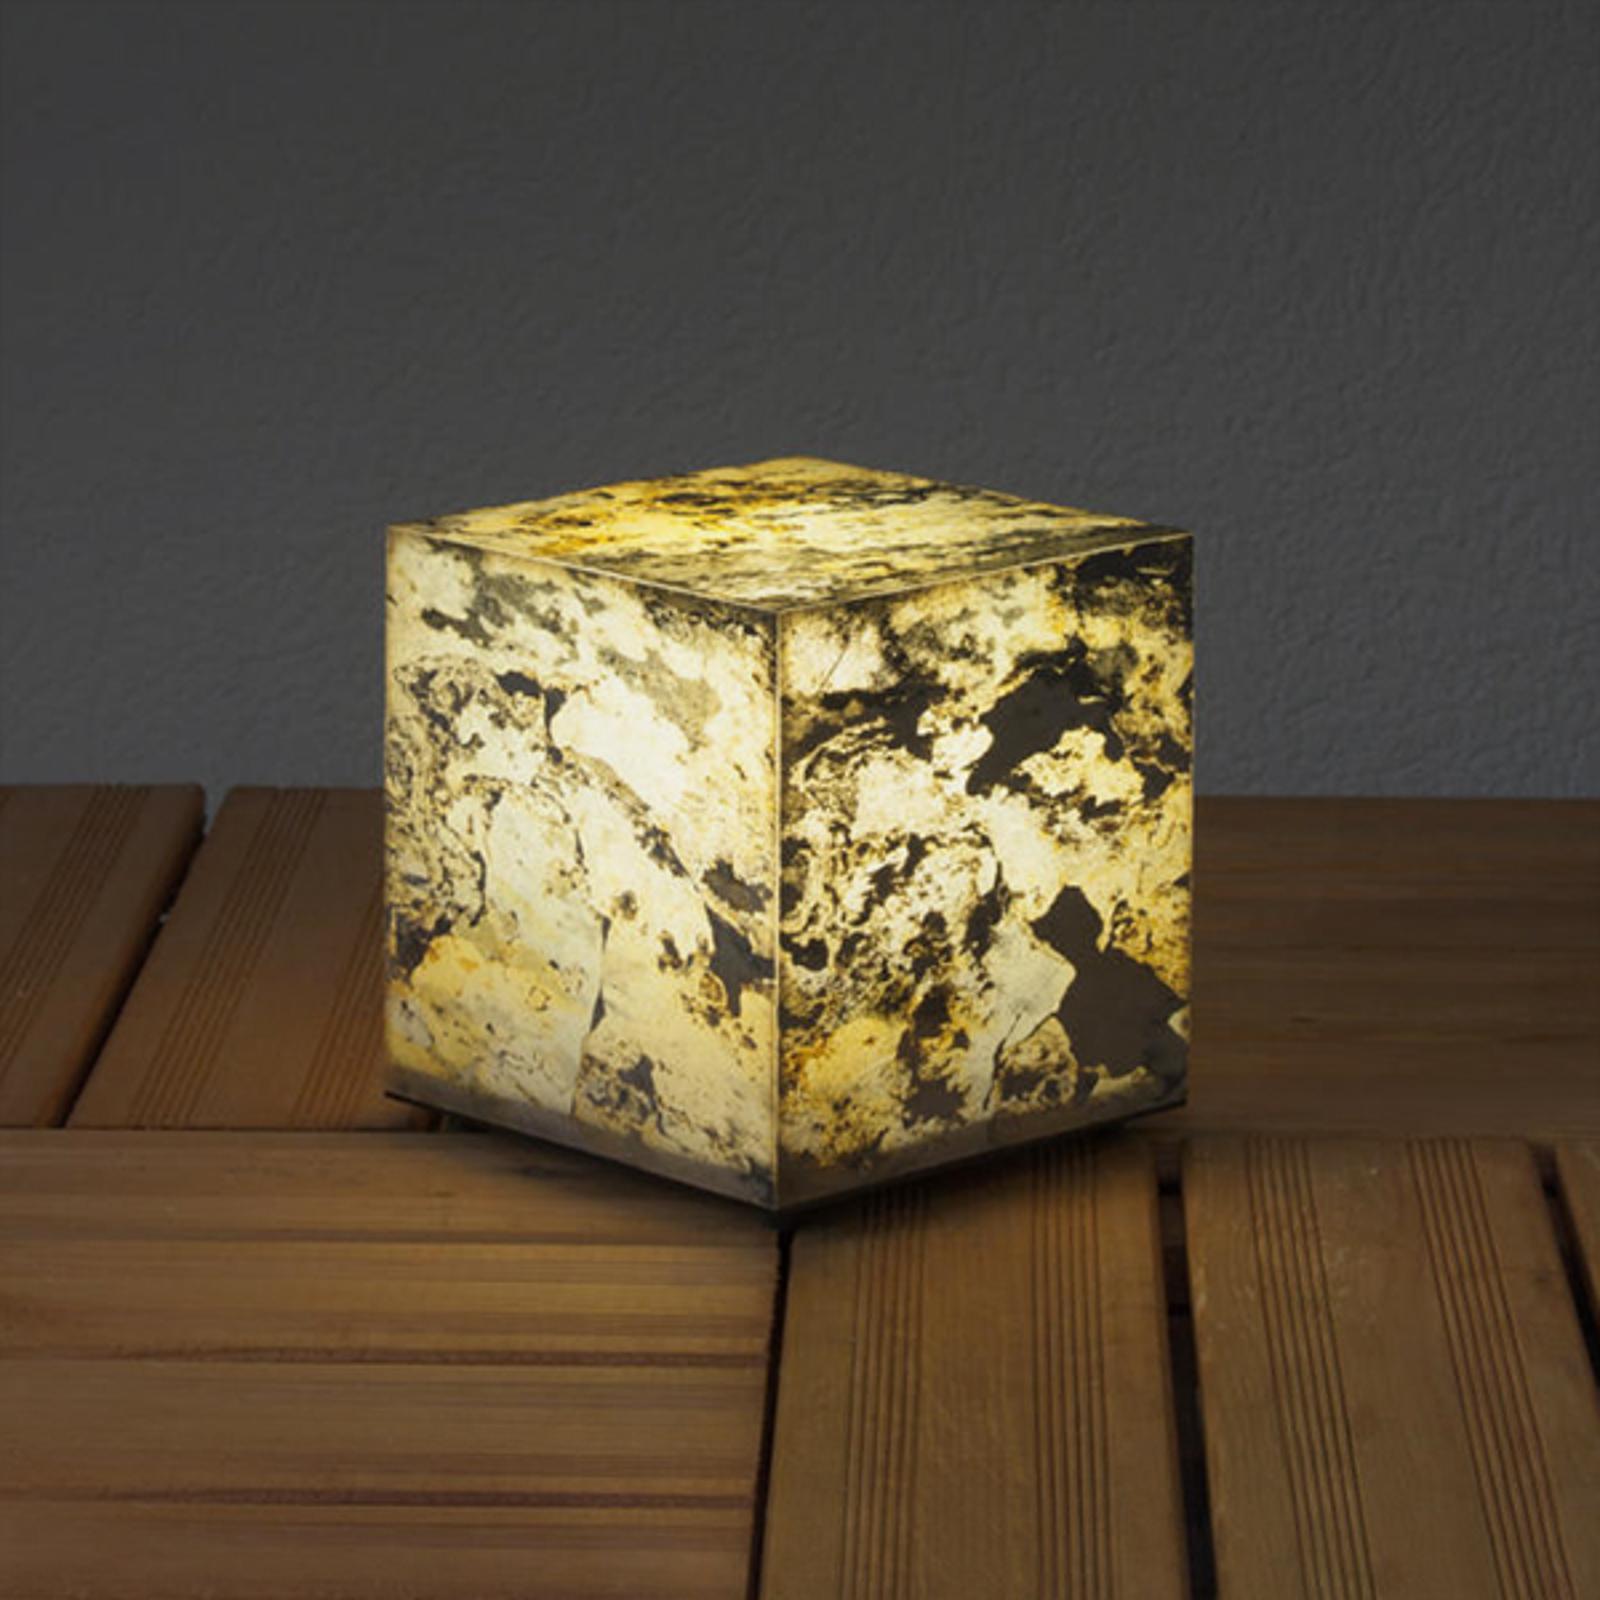 Dekoratívne svetlo tvar kocky v prírodnej bridlici_3050143_1